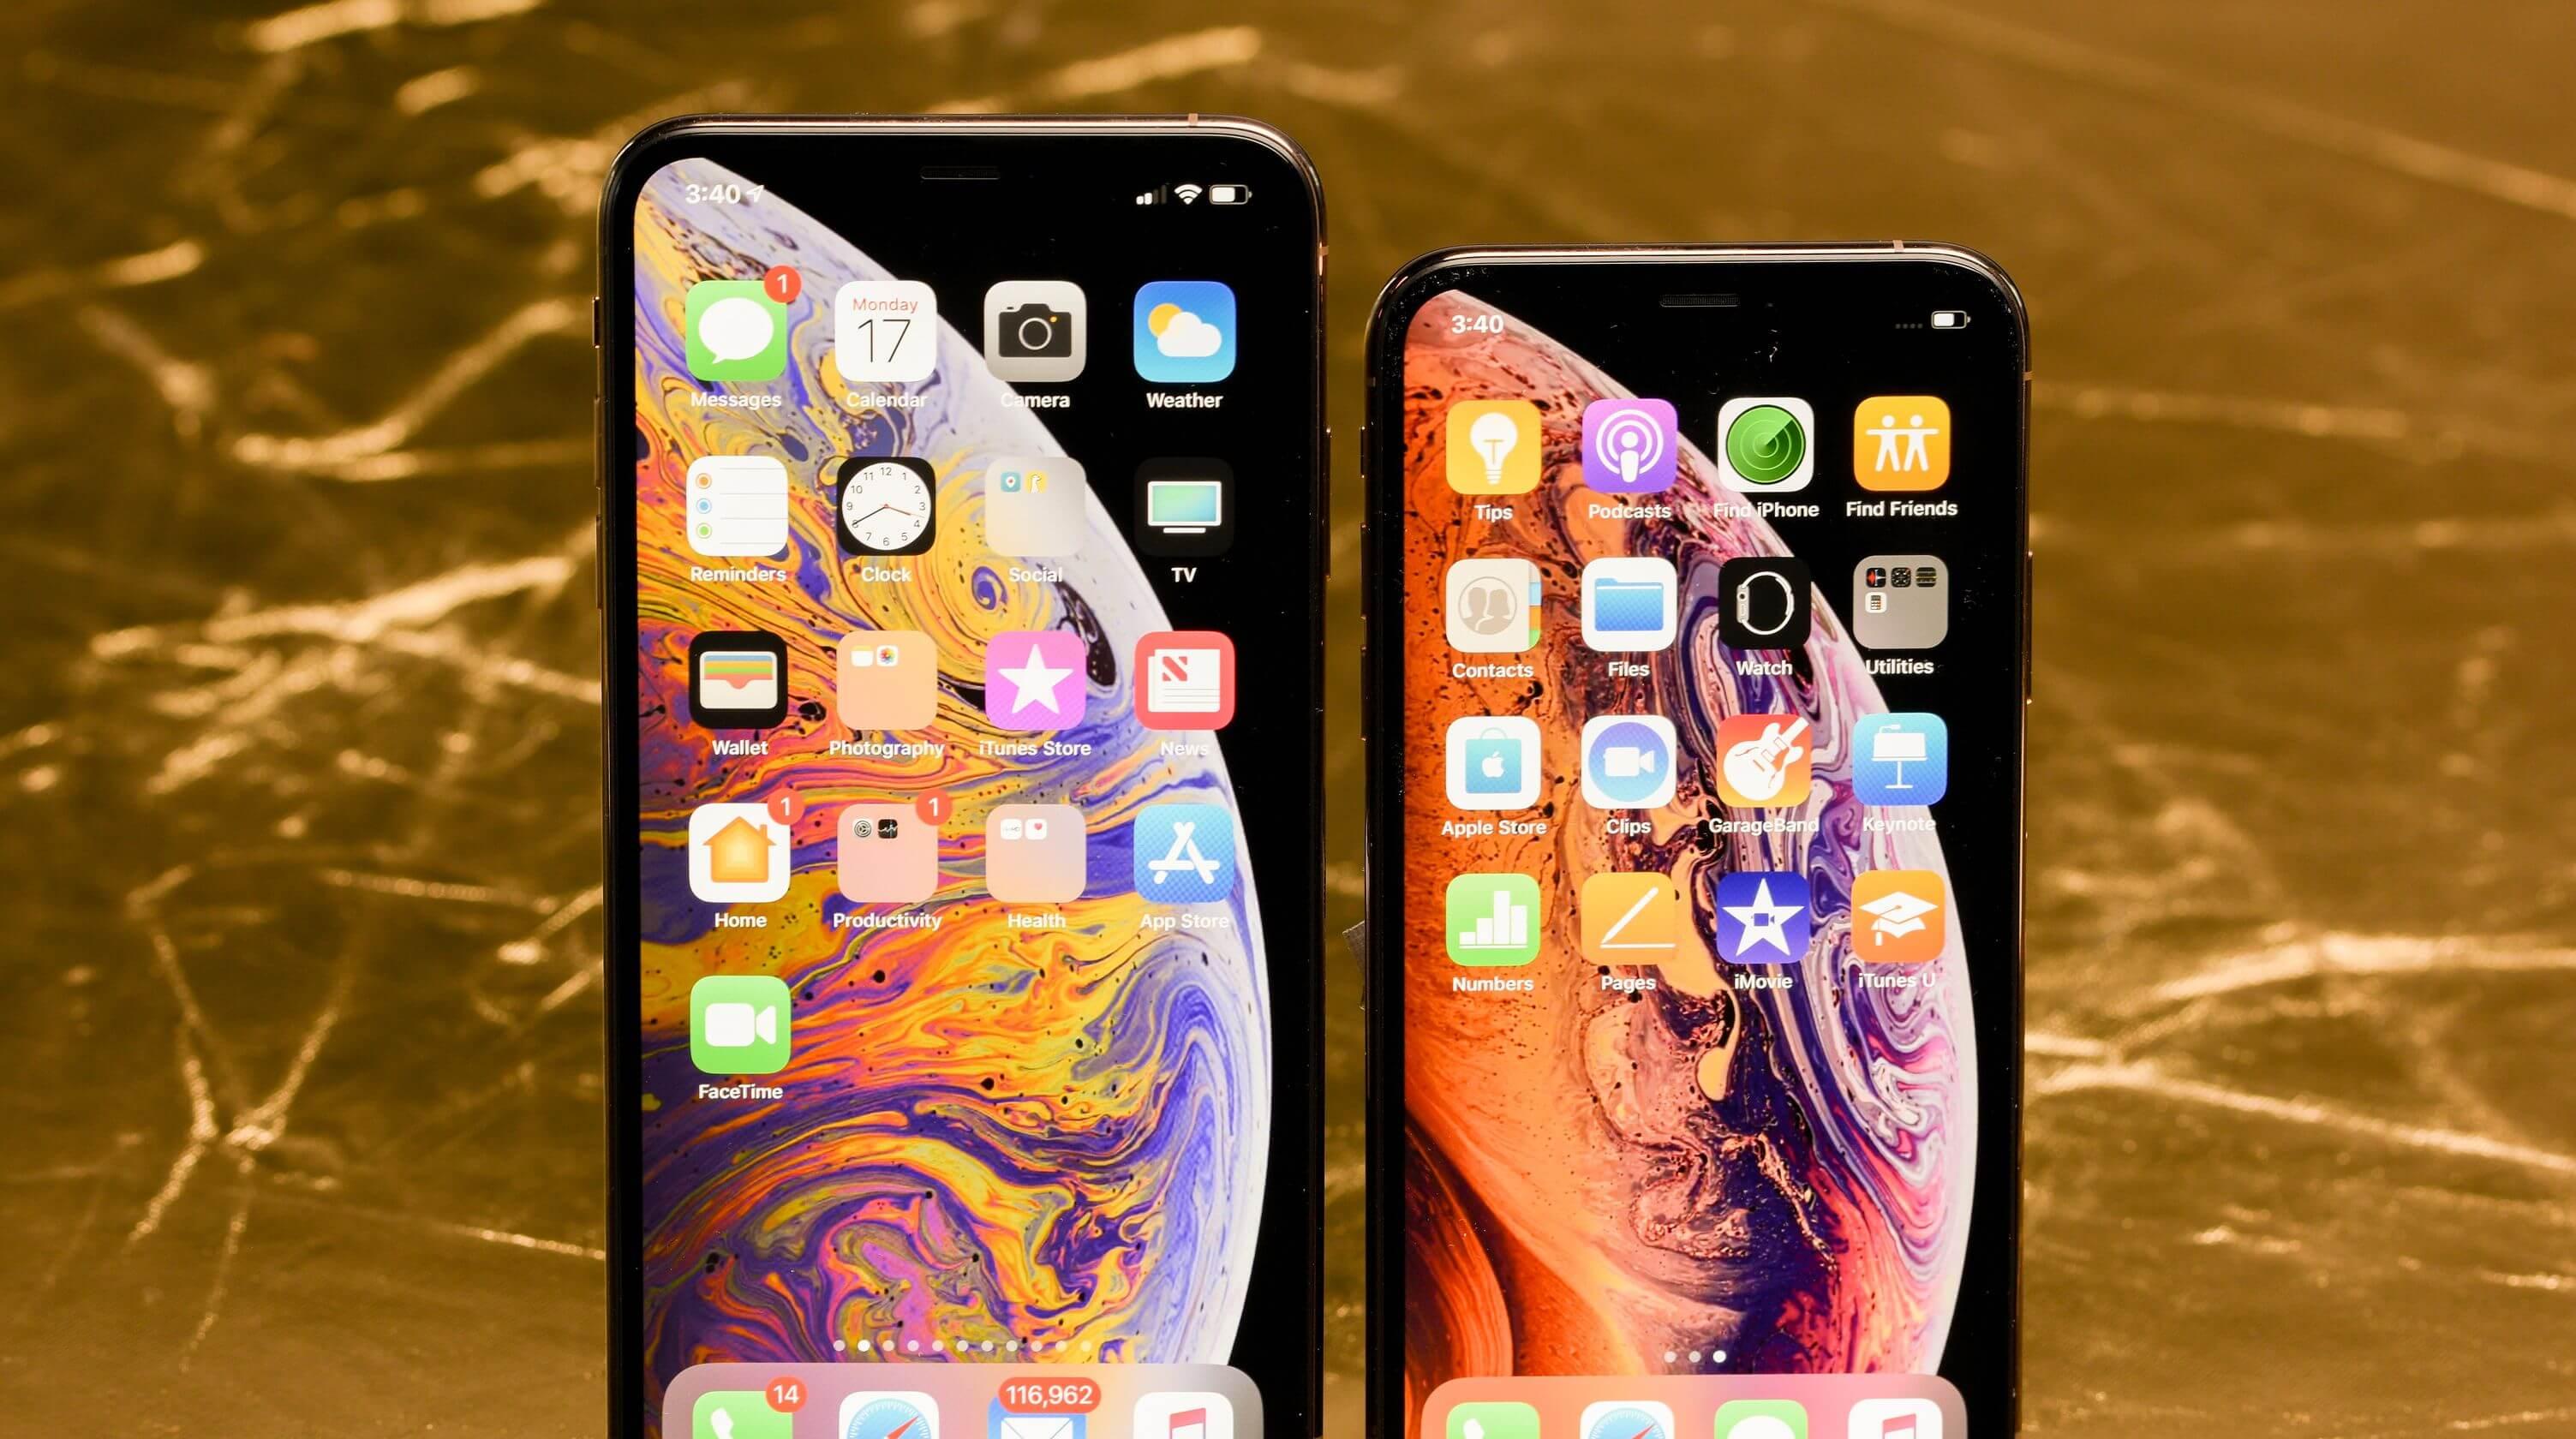 b47314d2 8a12 40f7 a017 83d976c7e4d8 XXX iPhone XS and XS Max rd094 - iPhone XS e XS Max: o que dizem os reviews internacionais